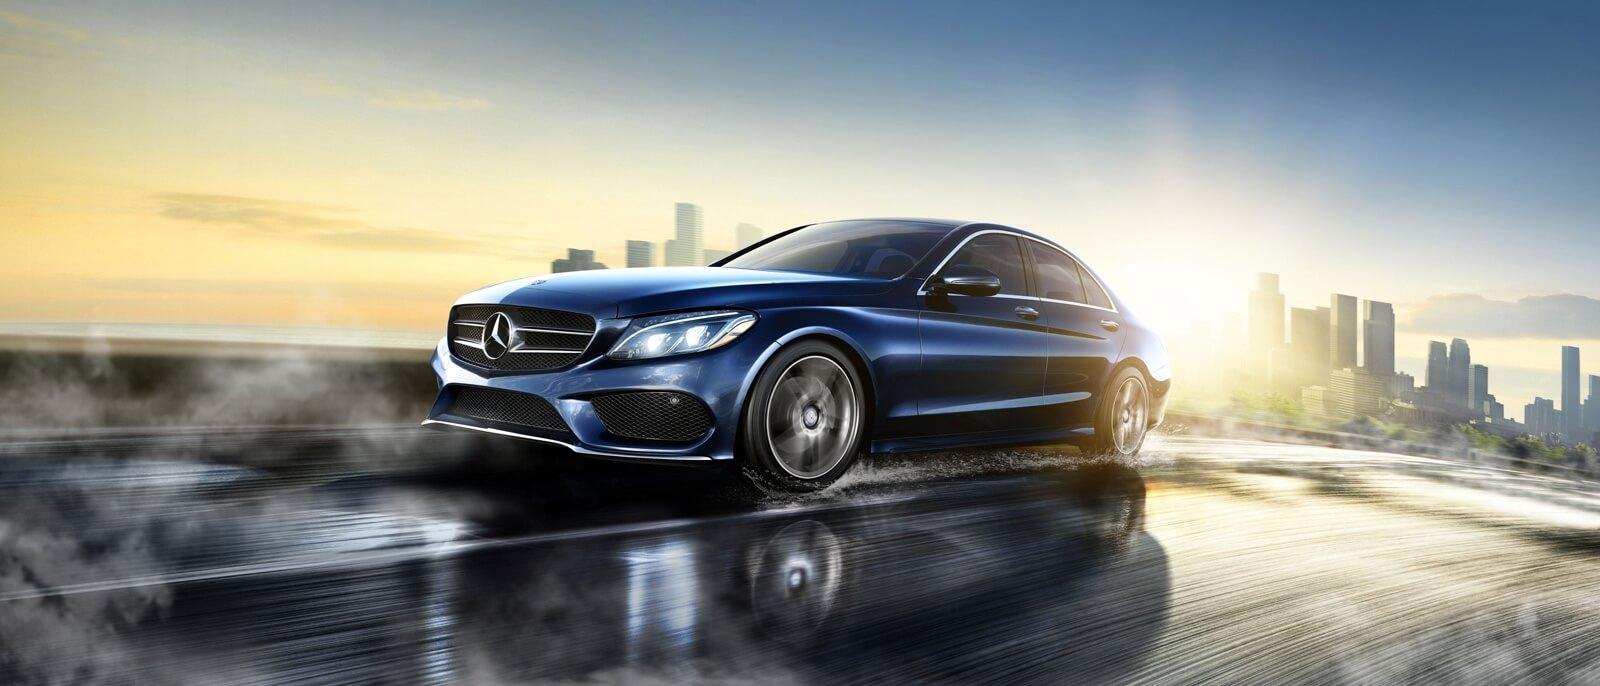 2017 Mercedes-Benz C-Class Sedan Blue Exterior Model